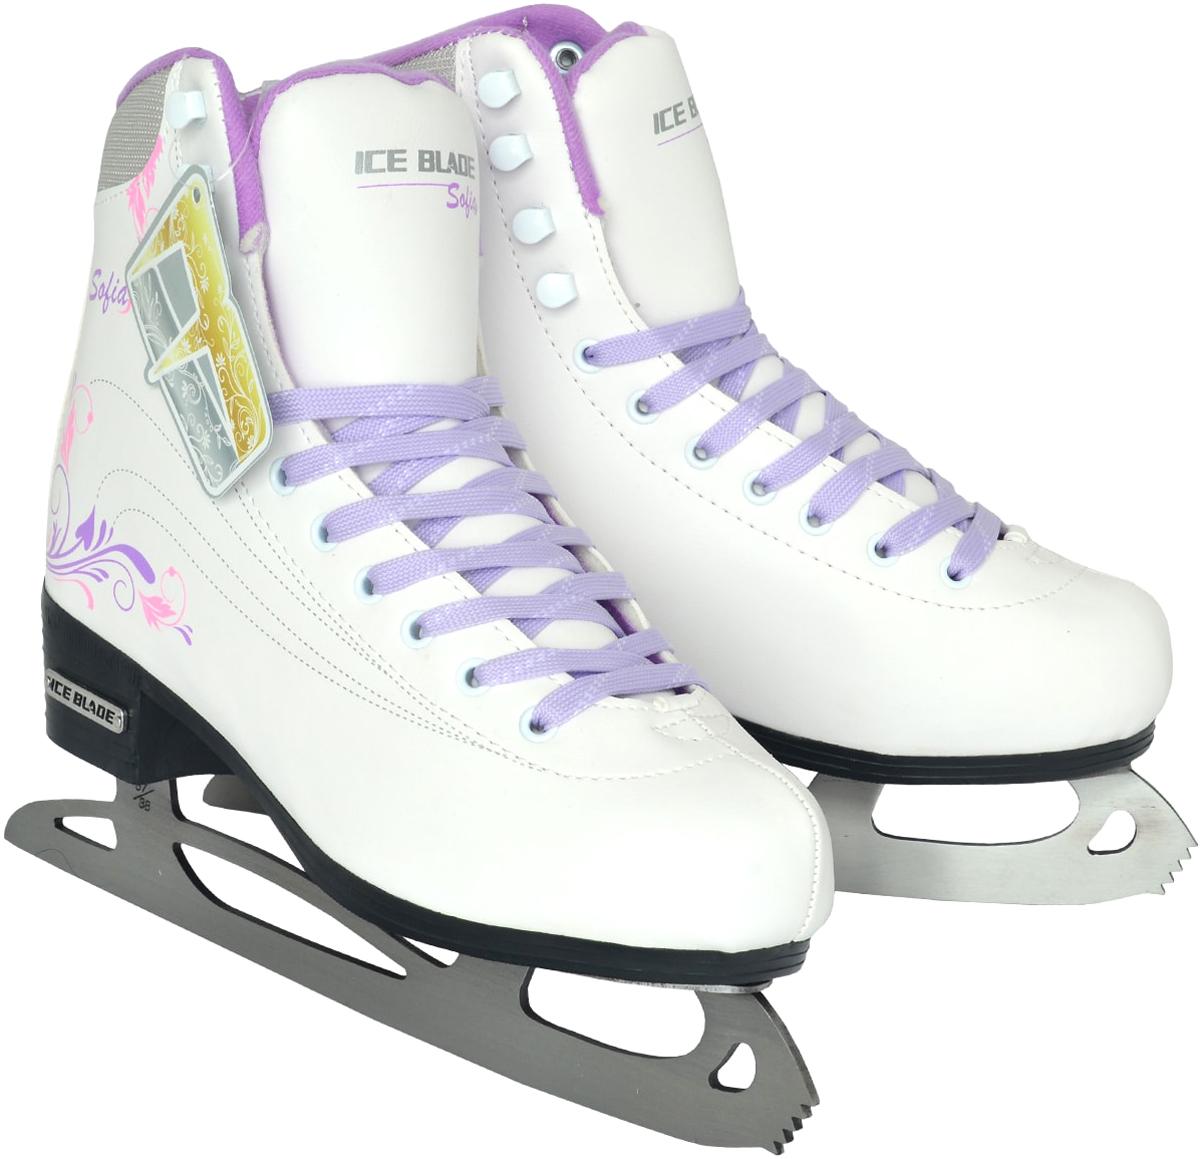 """Коньки фигурные женские Ice Blade """"Sofia"""", цвет: белый, сиреневый. Размер 35"""